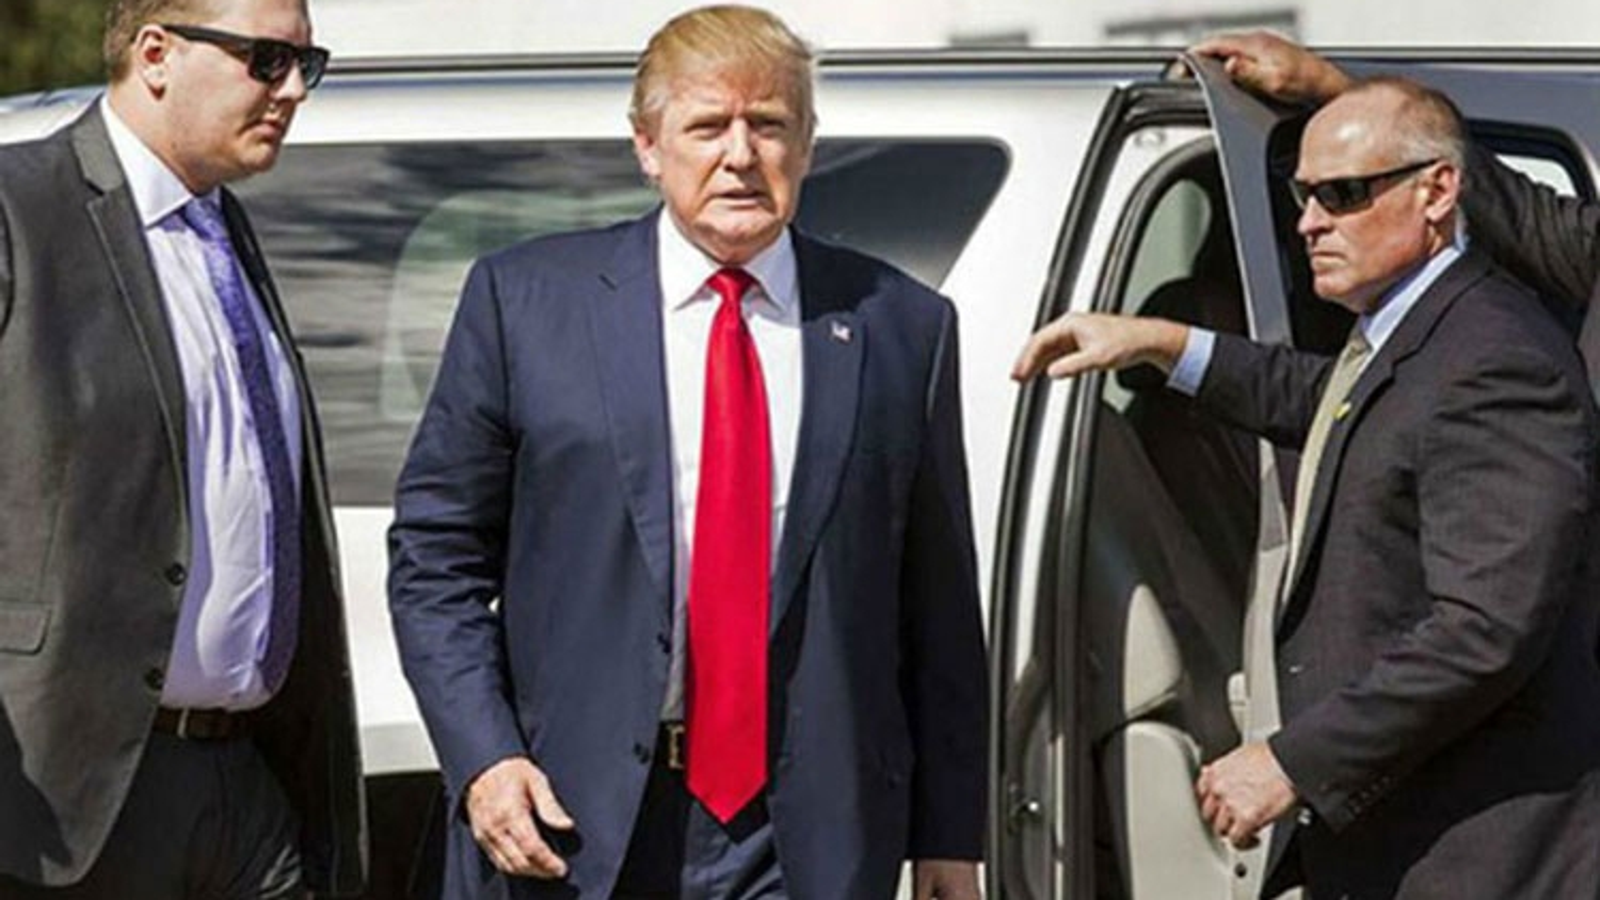 Cơ quan Mật vụ Mỹ lên kế hoạch bảo vệ ông Trump sau khi hết nhiệm kỳ